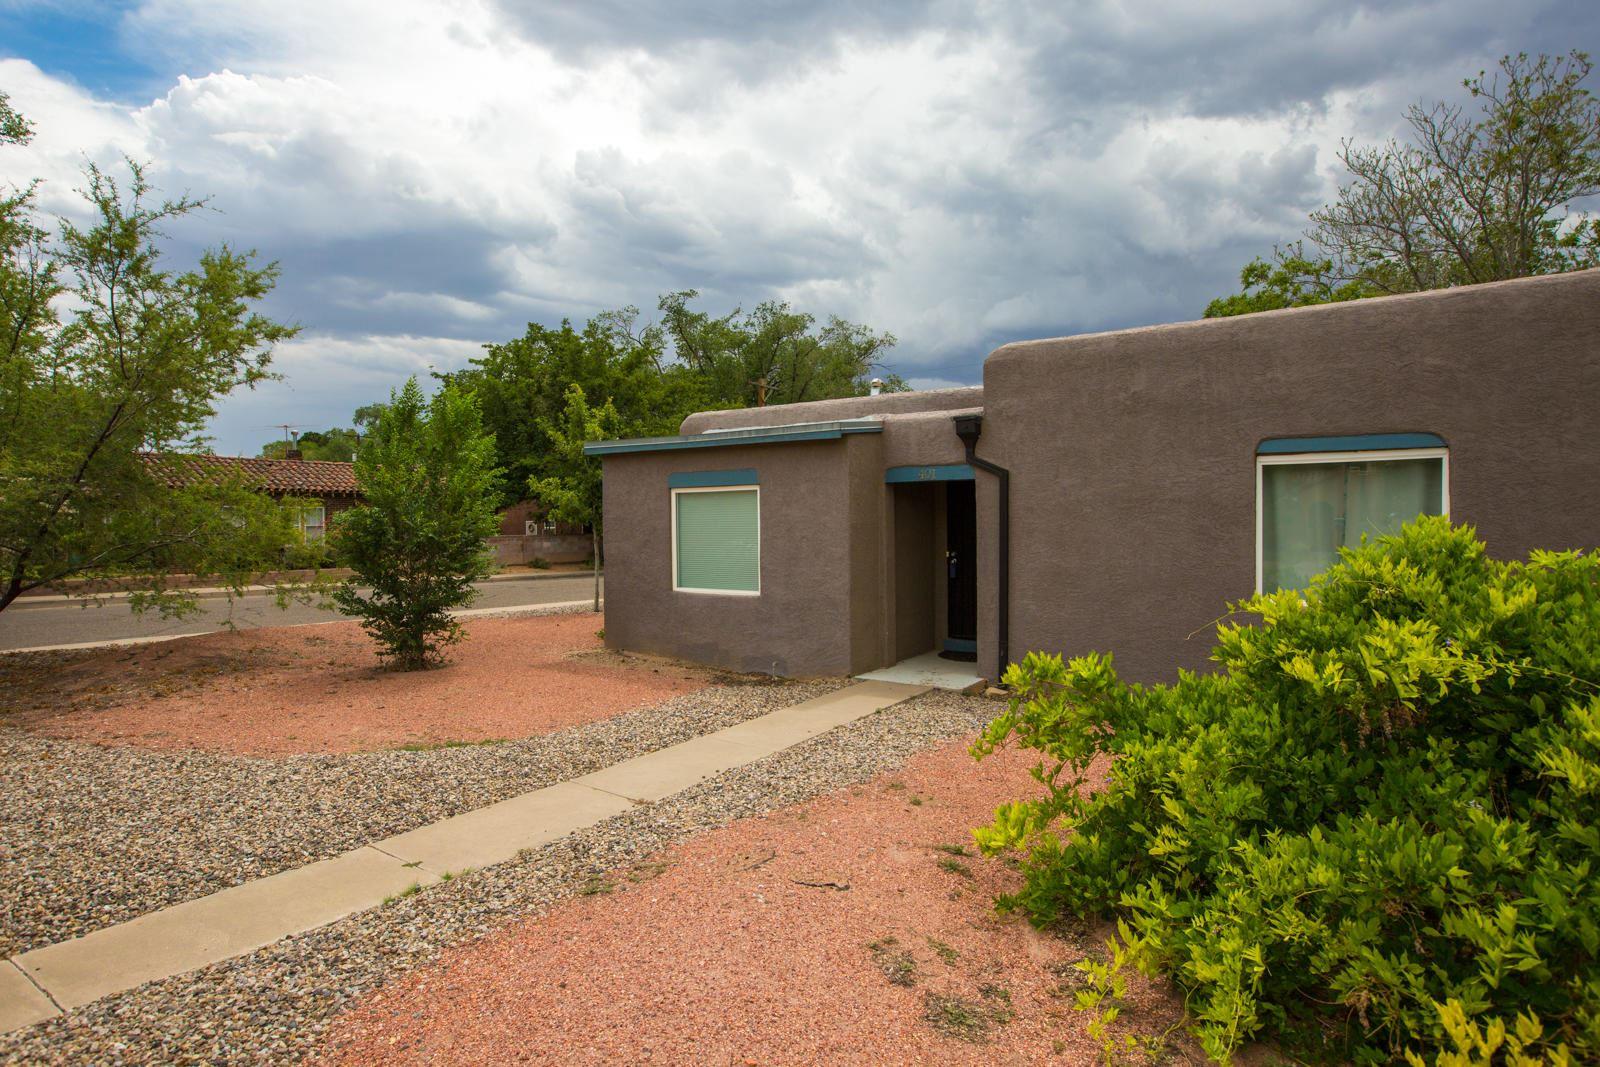 Photo of 401 Carlisle Boulevard NE, Albuquerque, NM 87106 (MLS # 970947)